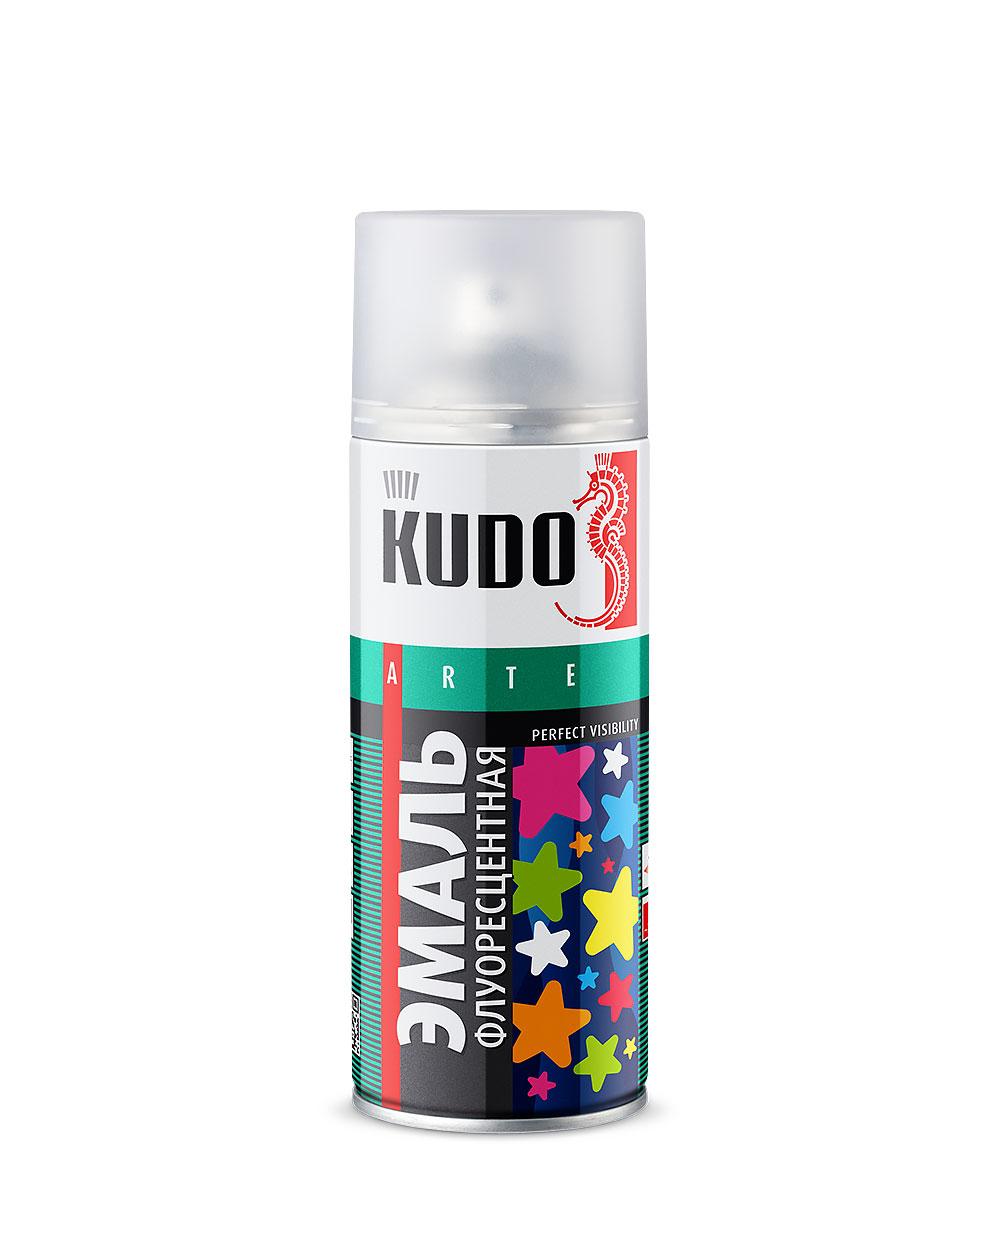 Kudo KU-1206 520 мл, Эмаль аэрозольная для декора Флуоресцентная (оранжево-красная) фото